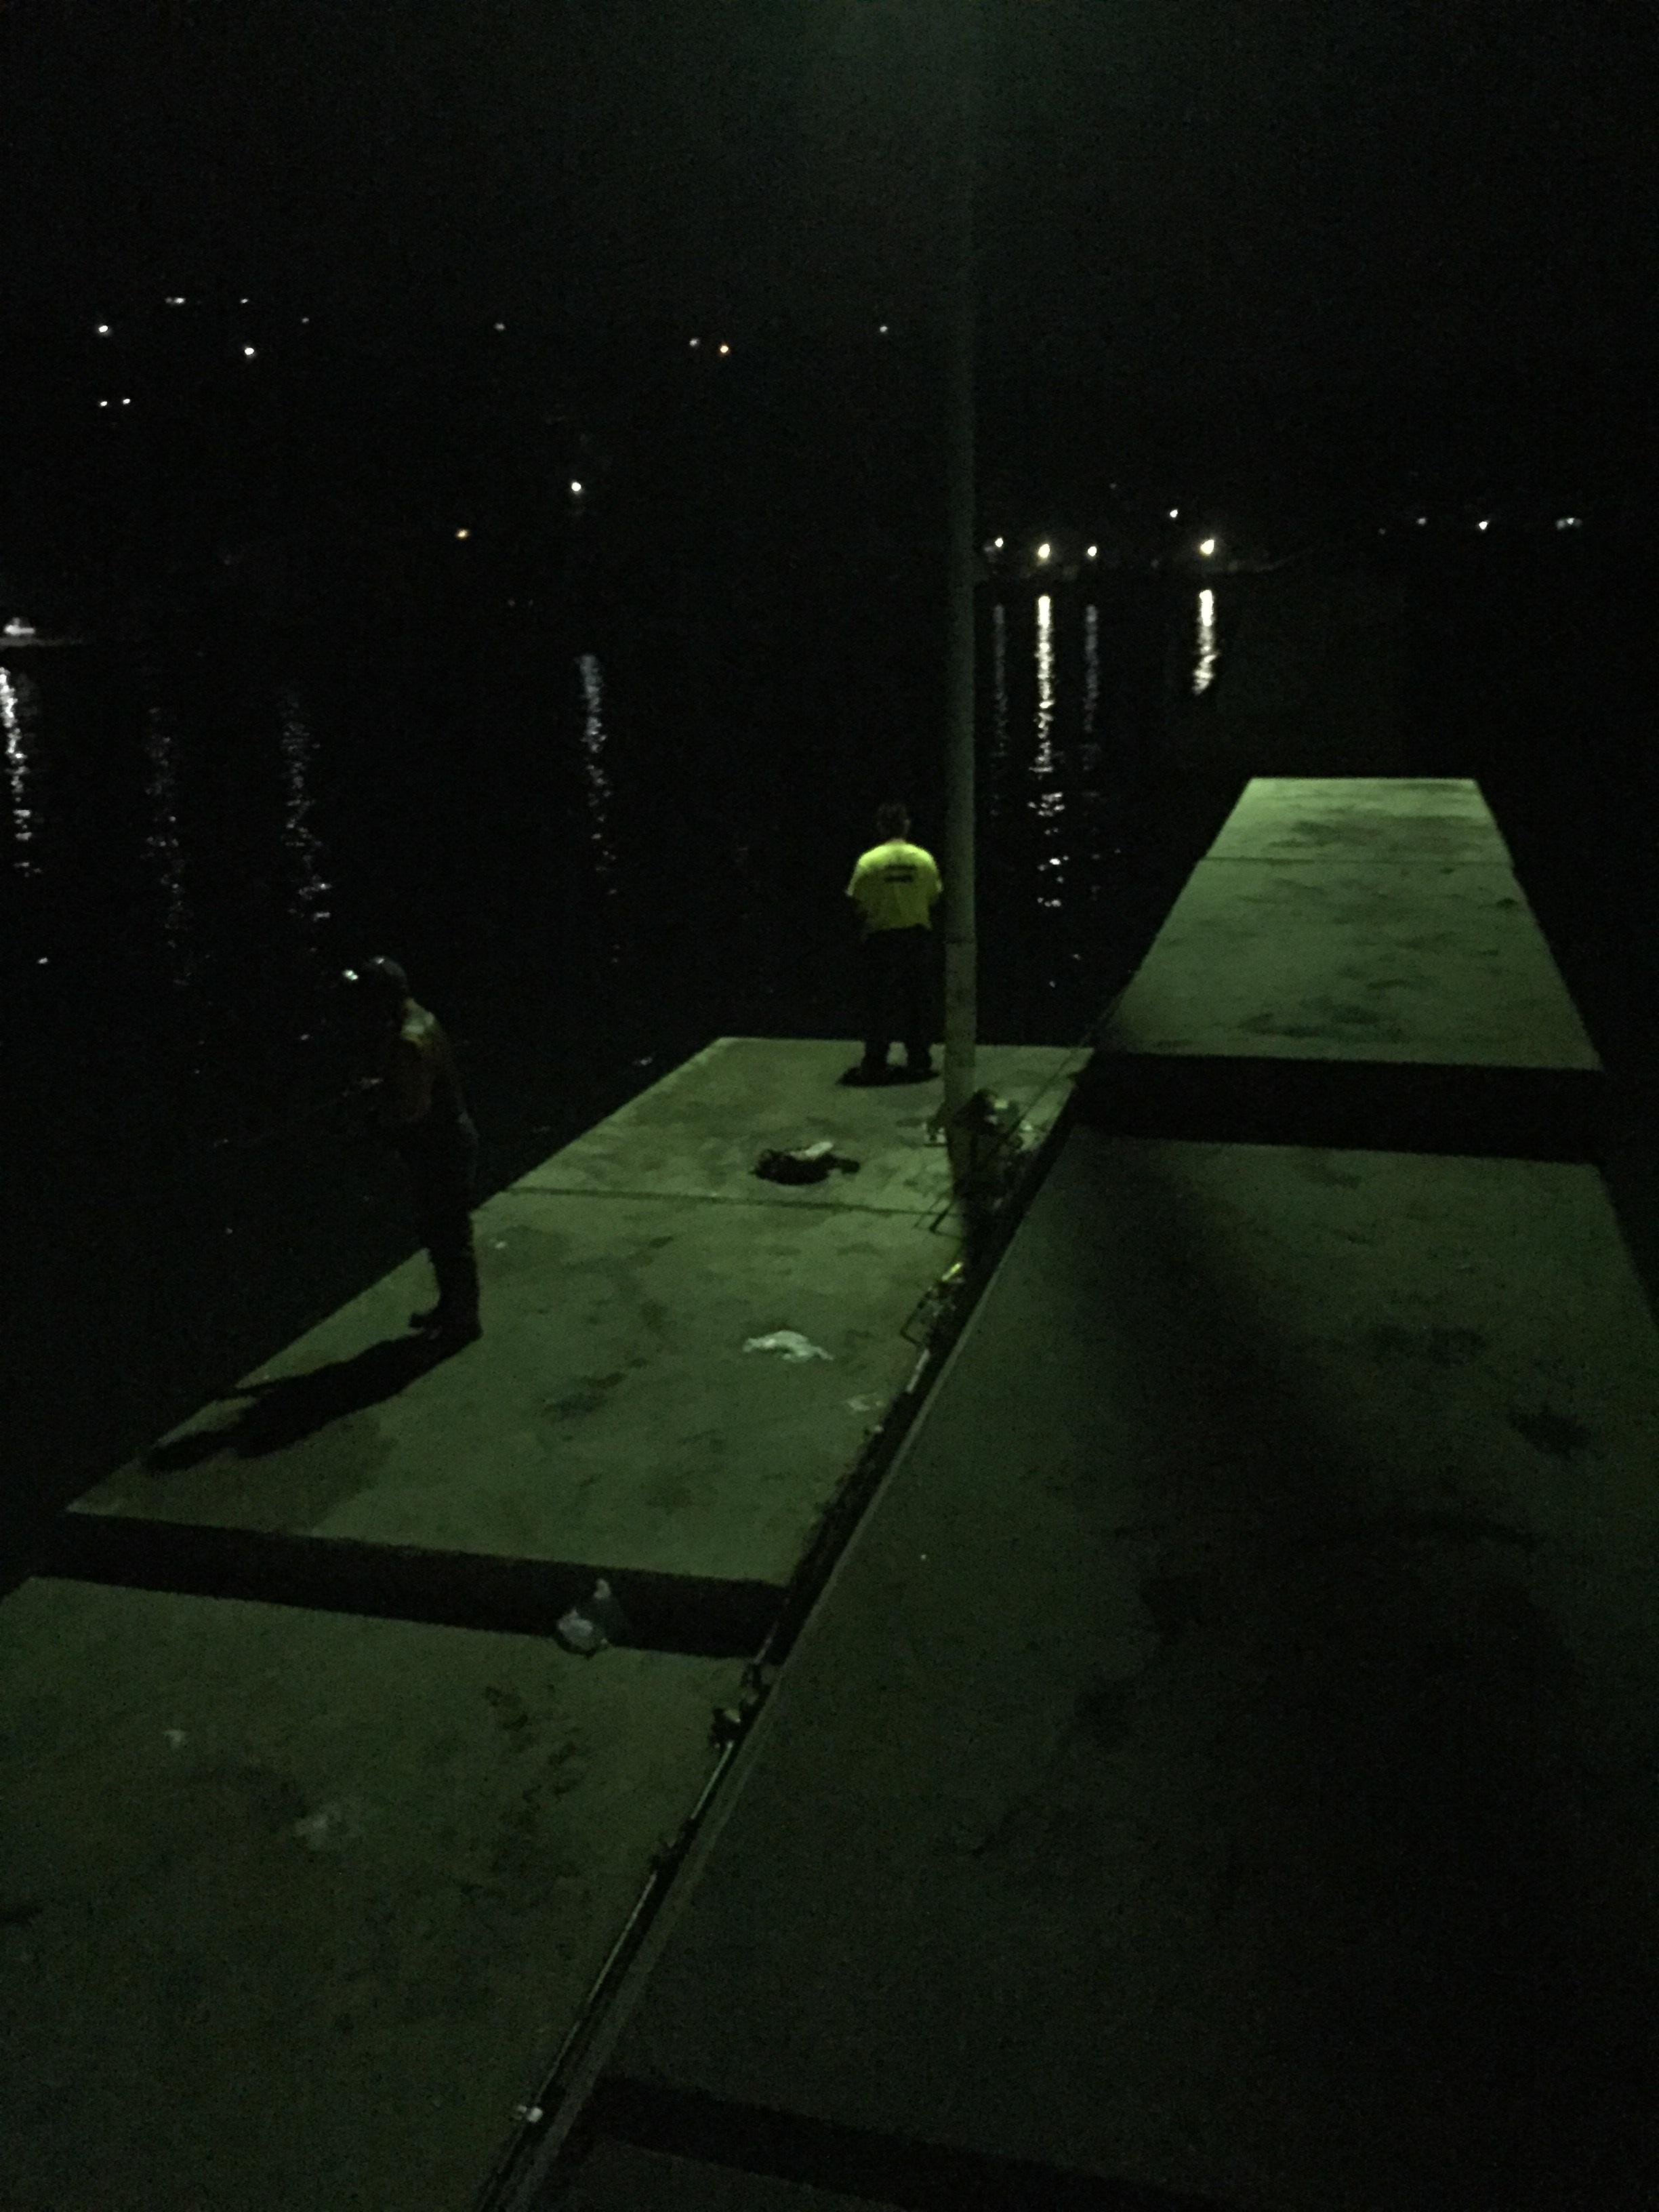 丸山漁港の釣り場紹介、淡路島南淡のエギングとタチウオ狙いにオススメの常夜灯のある漁港